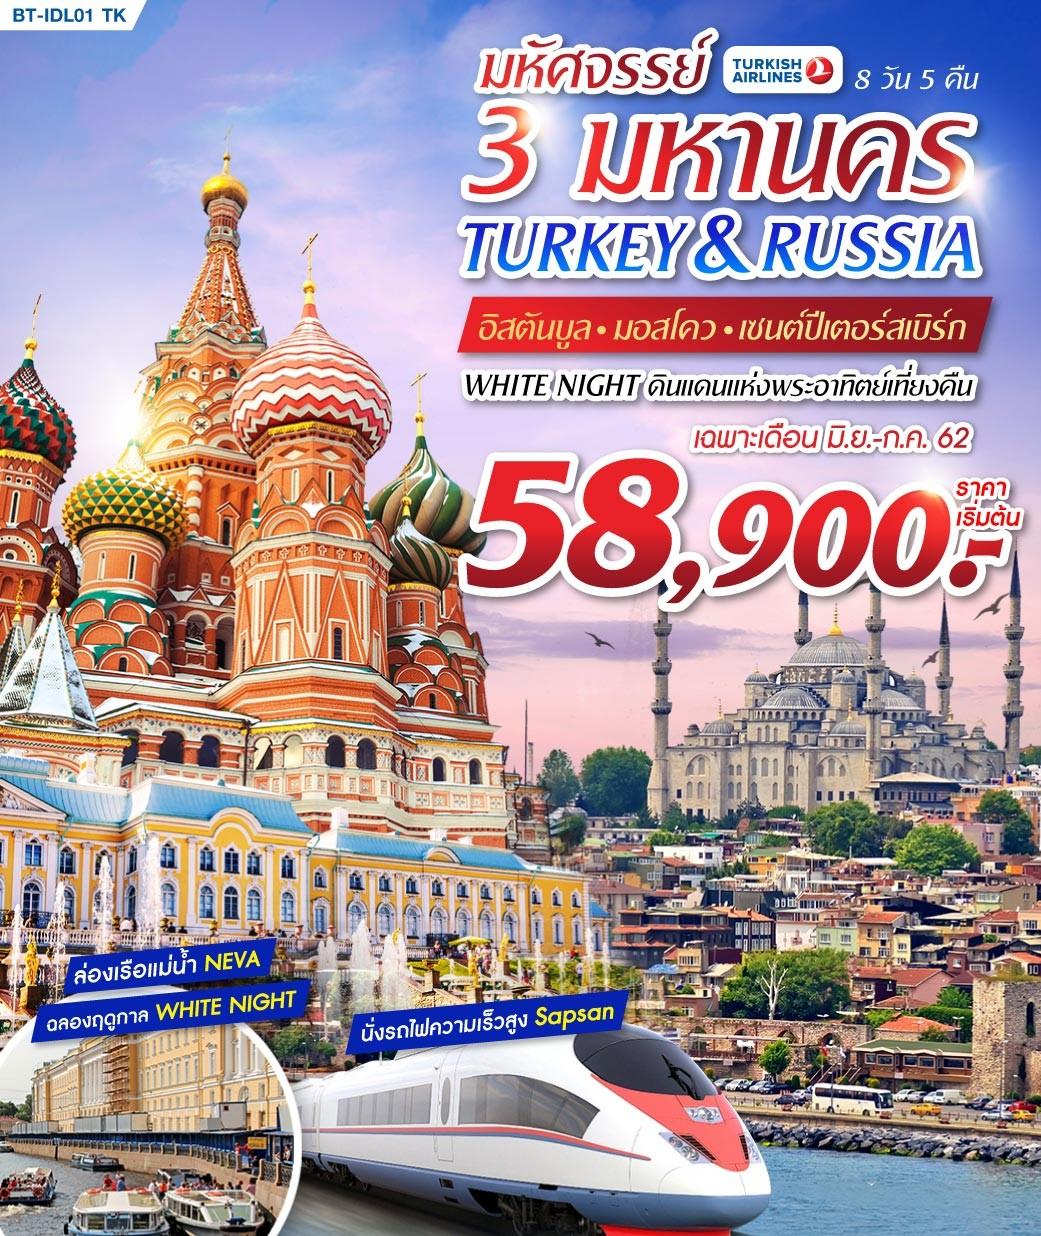 ทัวร์ตุรกี-มหัศจรรย์-3-มหานคร-TURKEY-&-RUSSIA-8D5N-(JUN-JUL19)(TK)(BT-IDL01-TK)